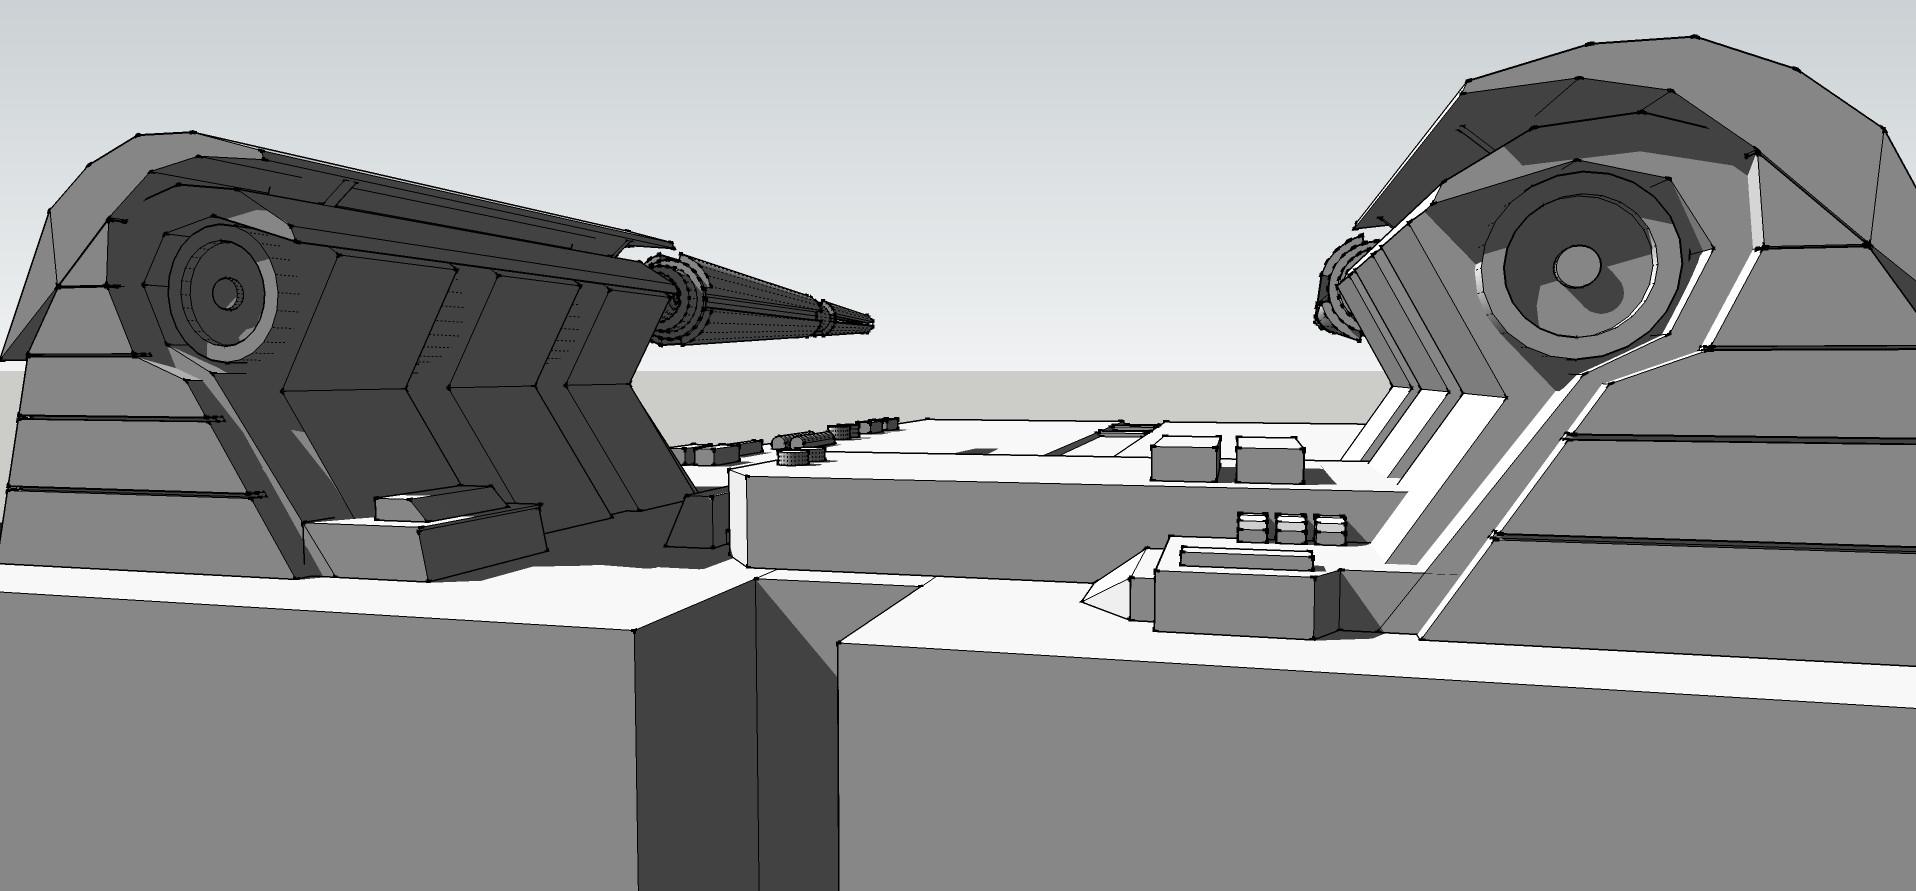 Sketchup Model of Ship